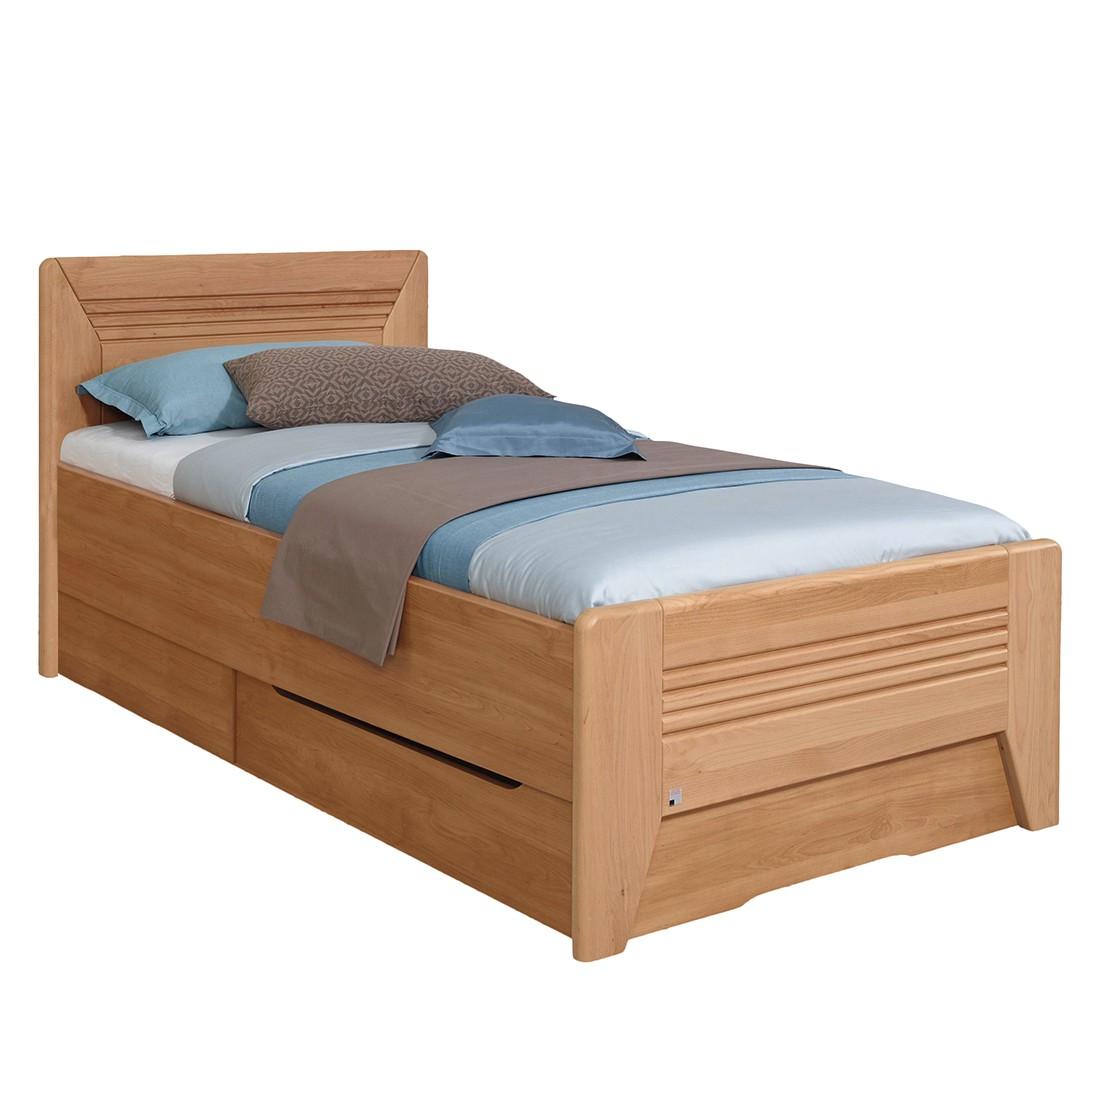 Deels massief bed Valerie III - elzenhout - 100 x 220cm - 1 bedlade, Rauch Steffen